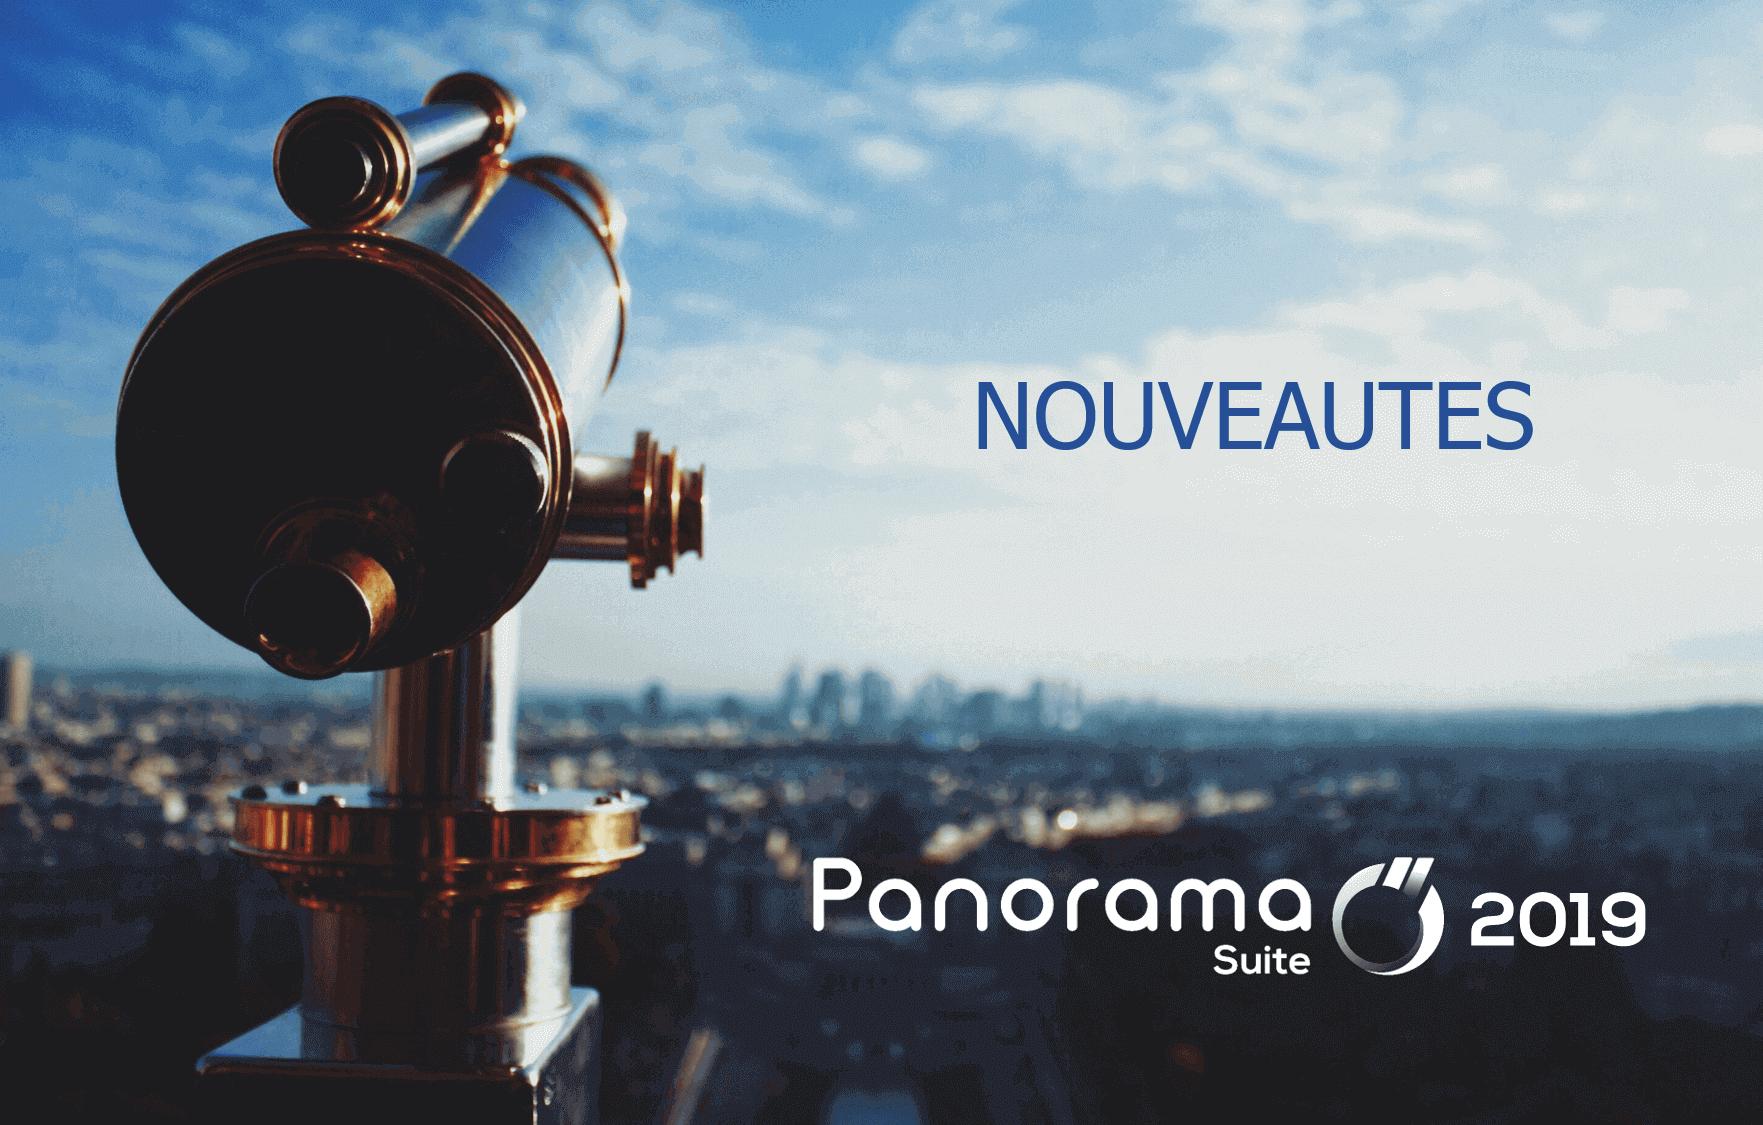 Webinar-PS19-Nouveautes